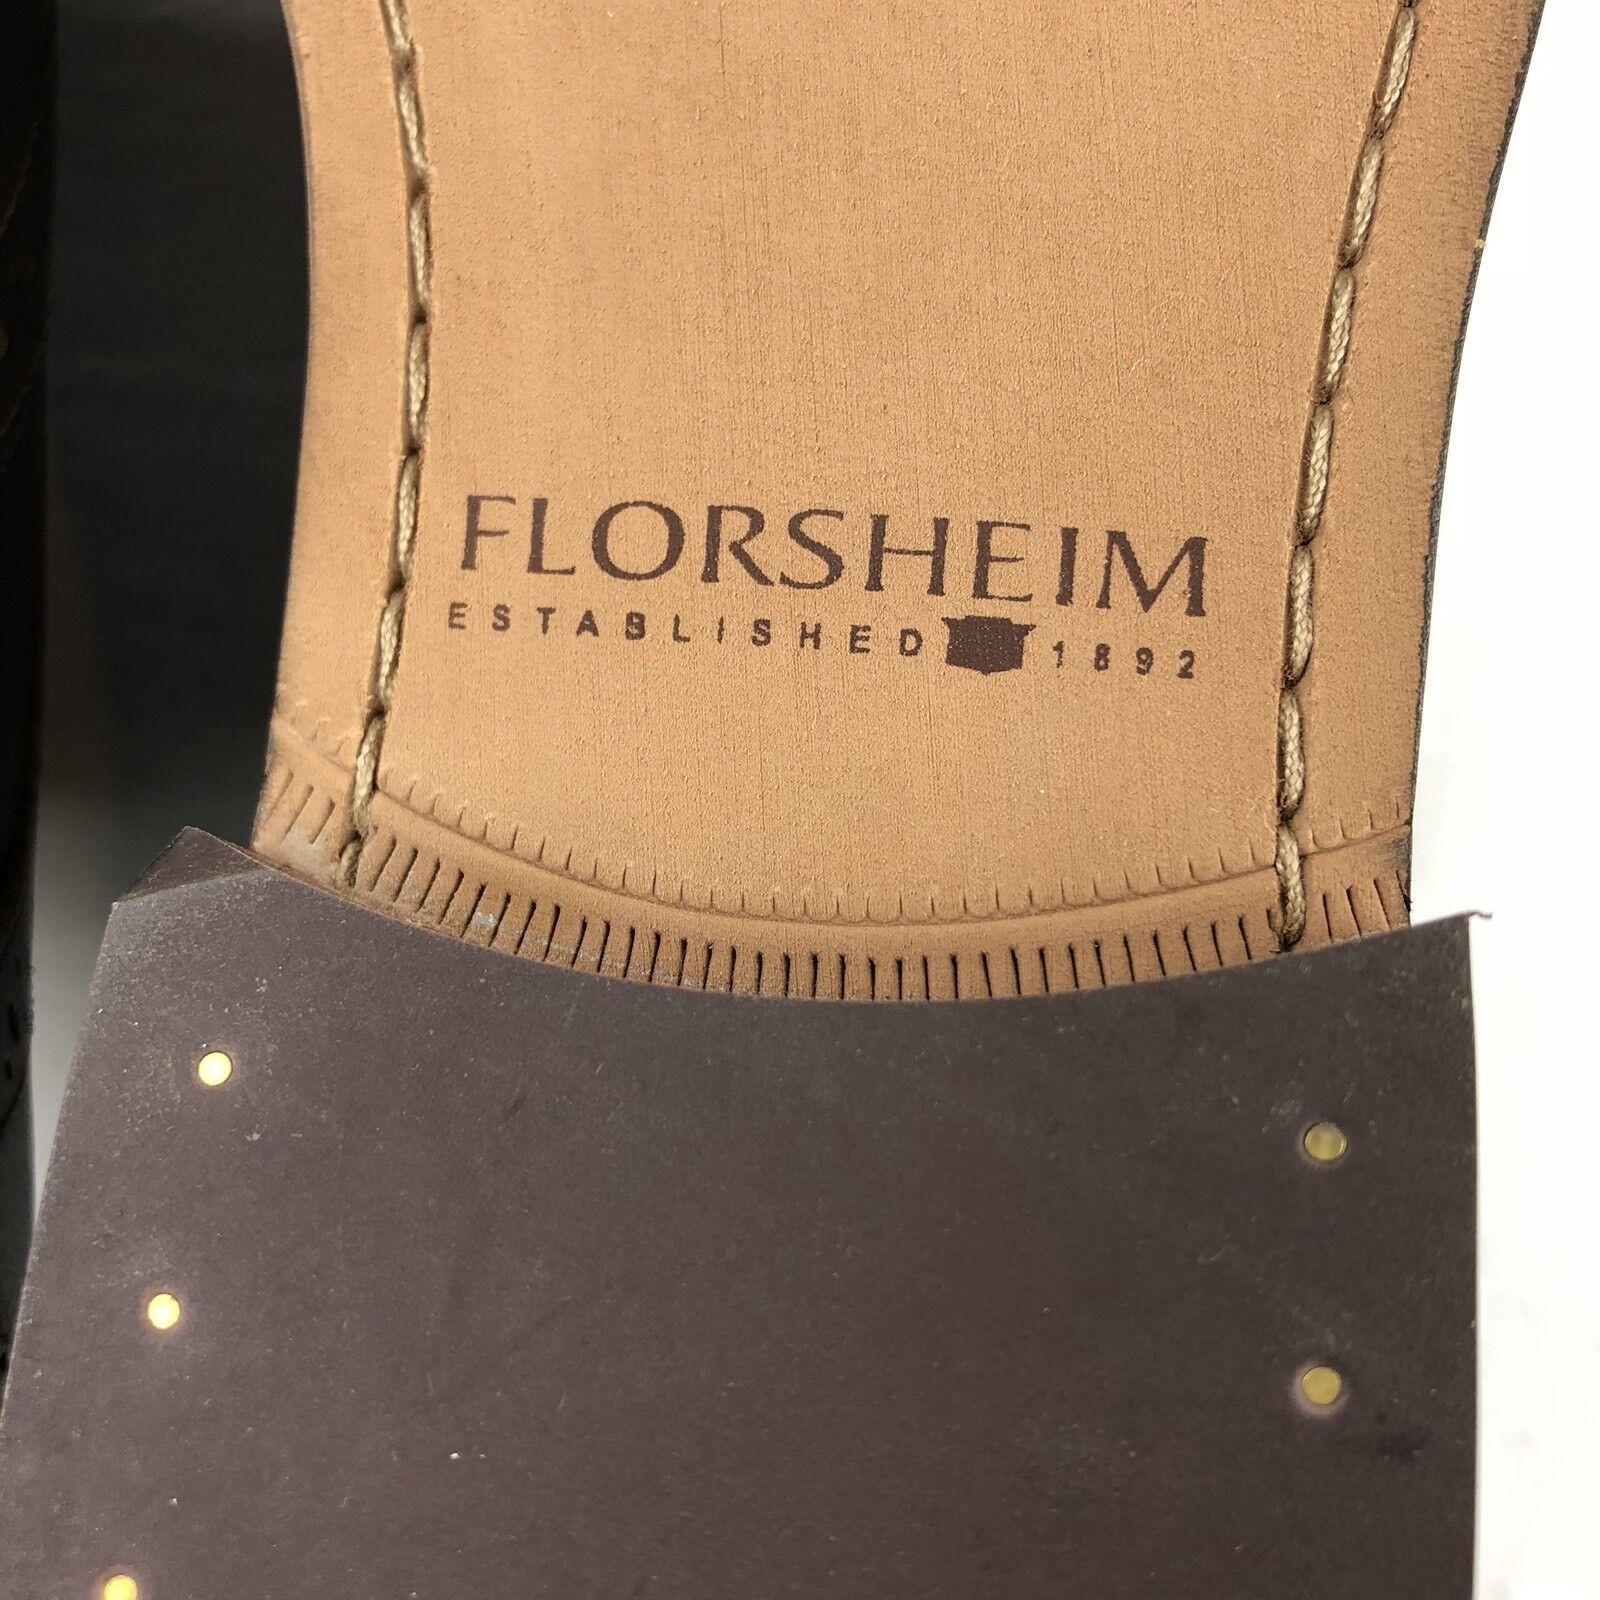 Florsheim Oxford schuheFinley Brogue Wingtip braun US 9 Dress schuheFinley Oxford 11171-201 NEW  100 1acf80